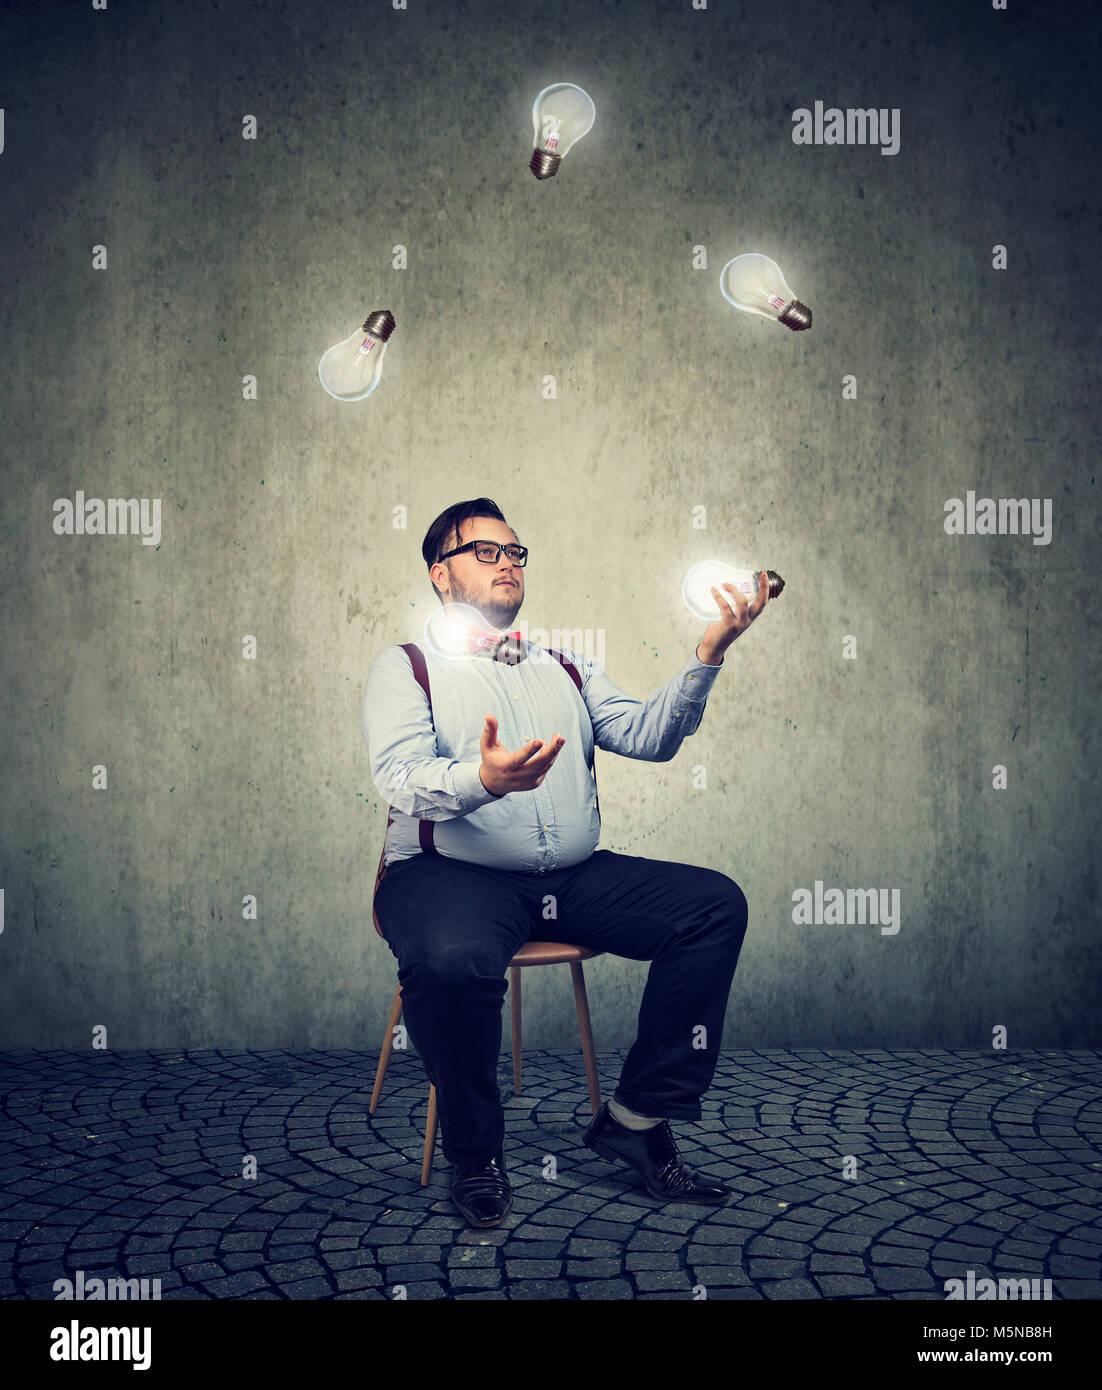 Giovane paffuto uomo seduto su una sedia e la giocoleria con lampadine essendo genius. Immagini Stock